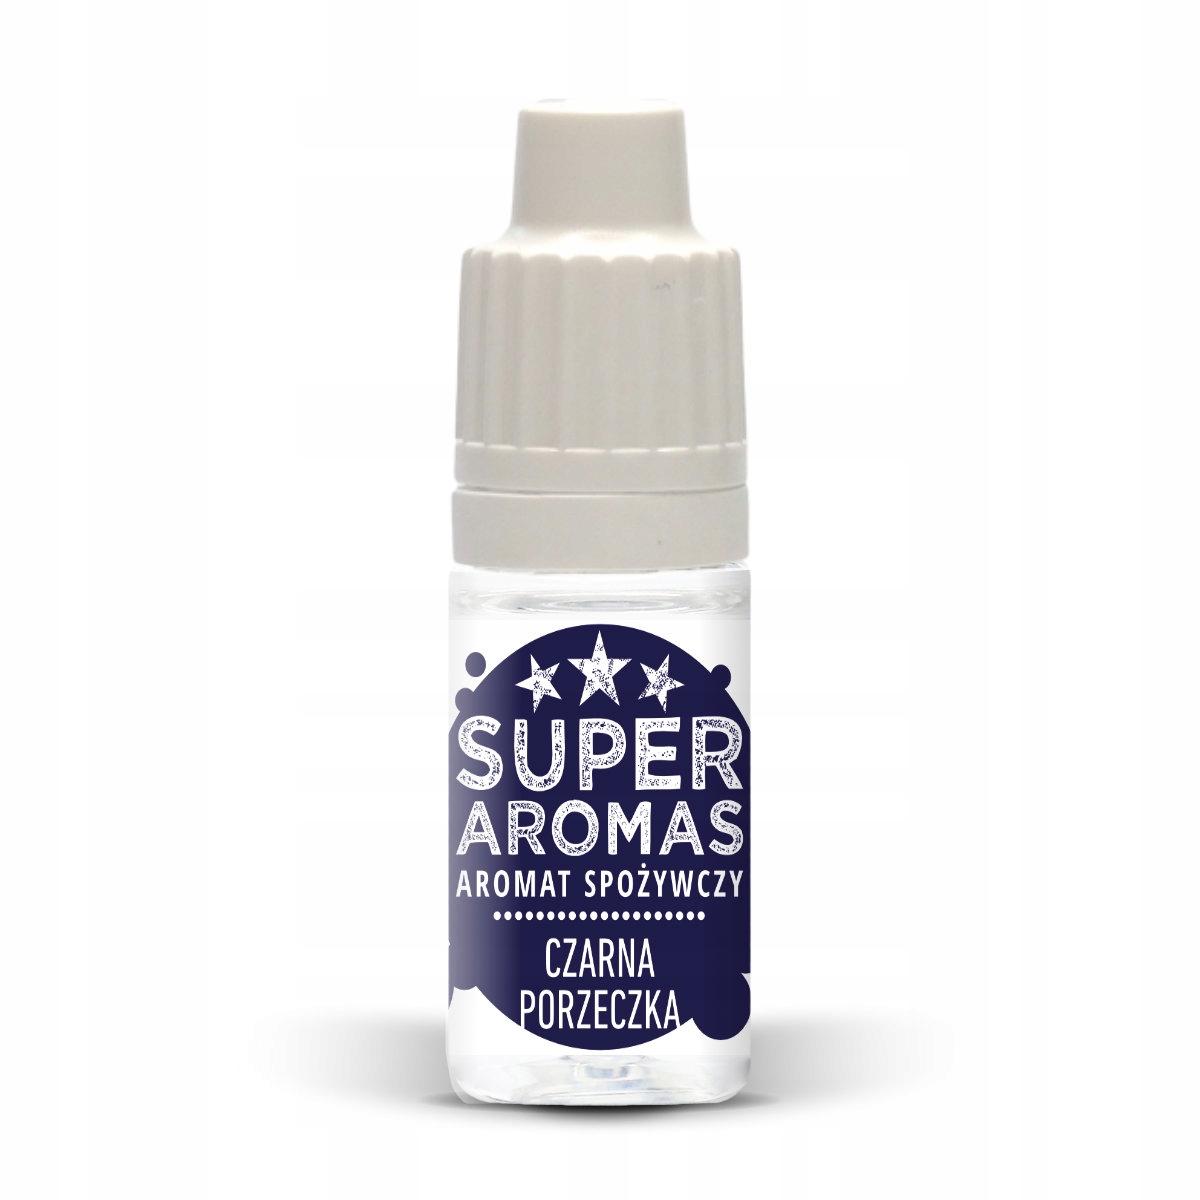 SUPER AROMAS Aromat spożywcz czarna porzeczka 10ml